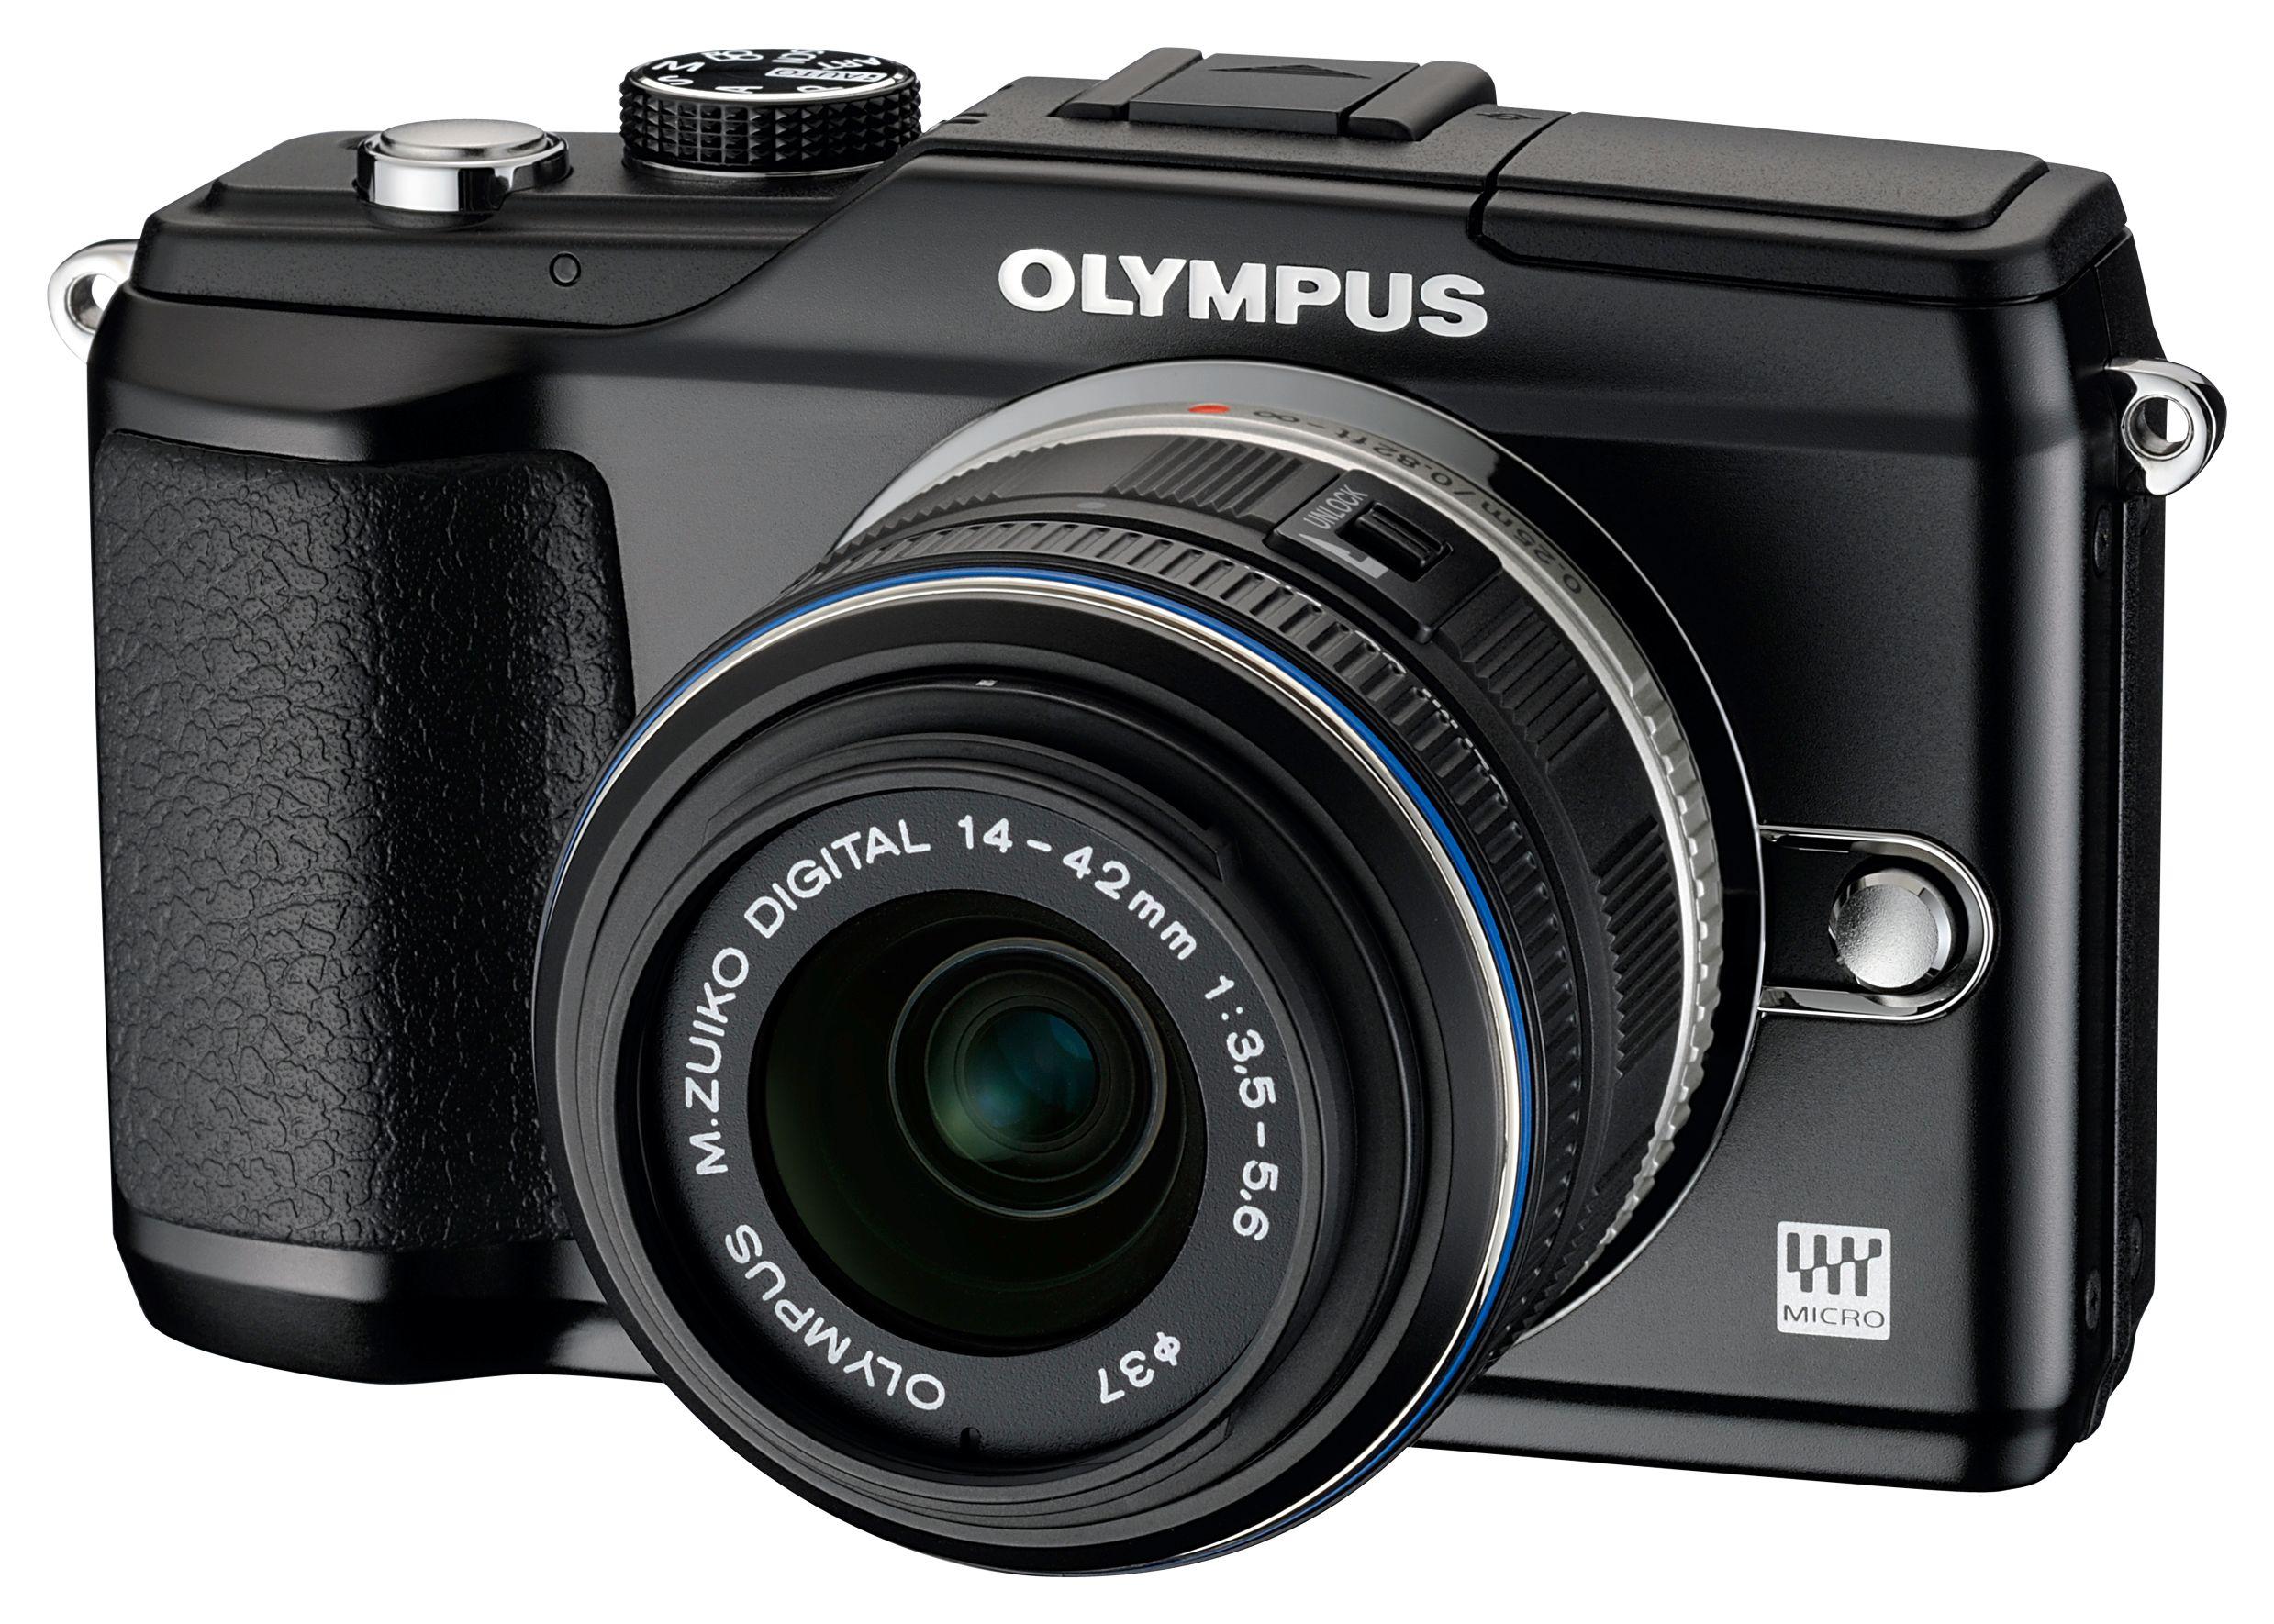 Olympus E-PL2 uten undervannshus.